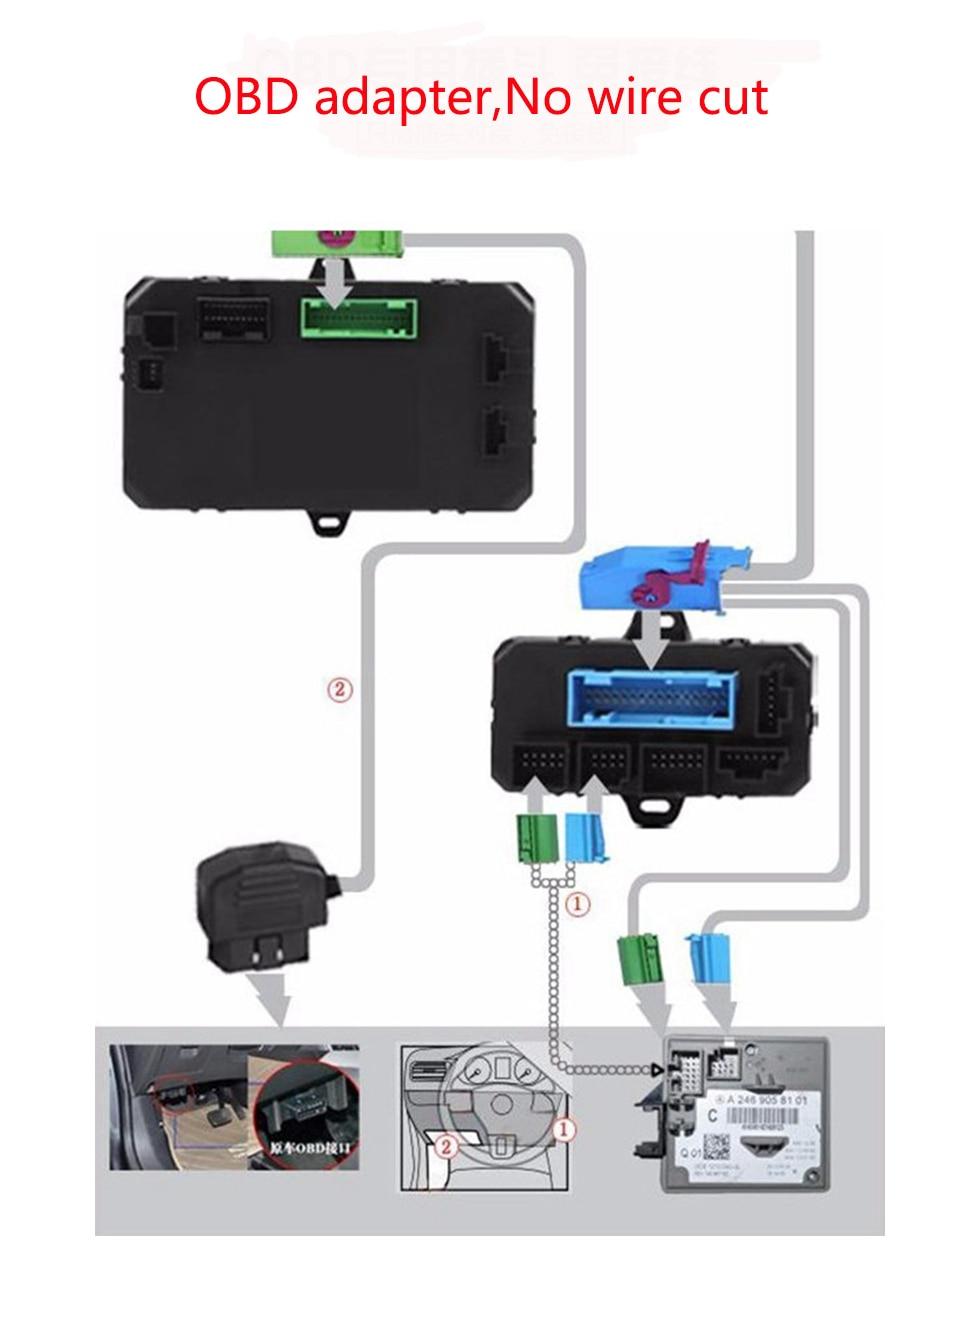 Système D'entrée sans clé Aucun Fil Cut No Clé Cassé Smartphone GSM GPS De Voiture Serrure/déverrouiller + Fenêtre Plus Étroite Pour Audi A6L A4L Q5